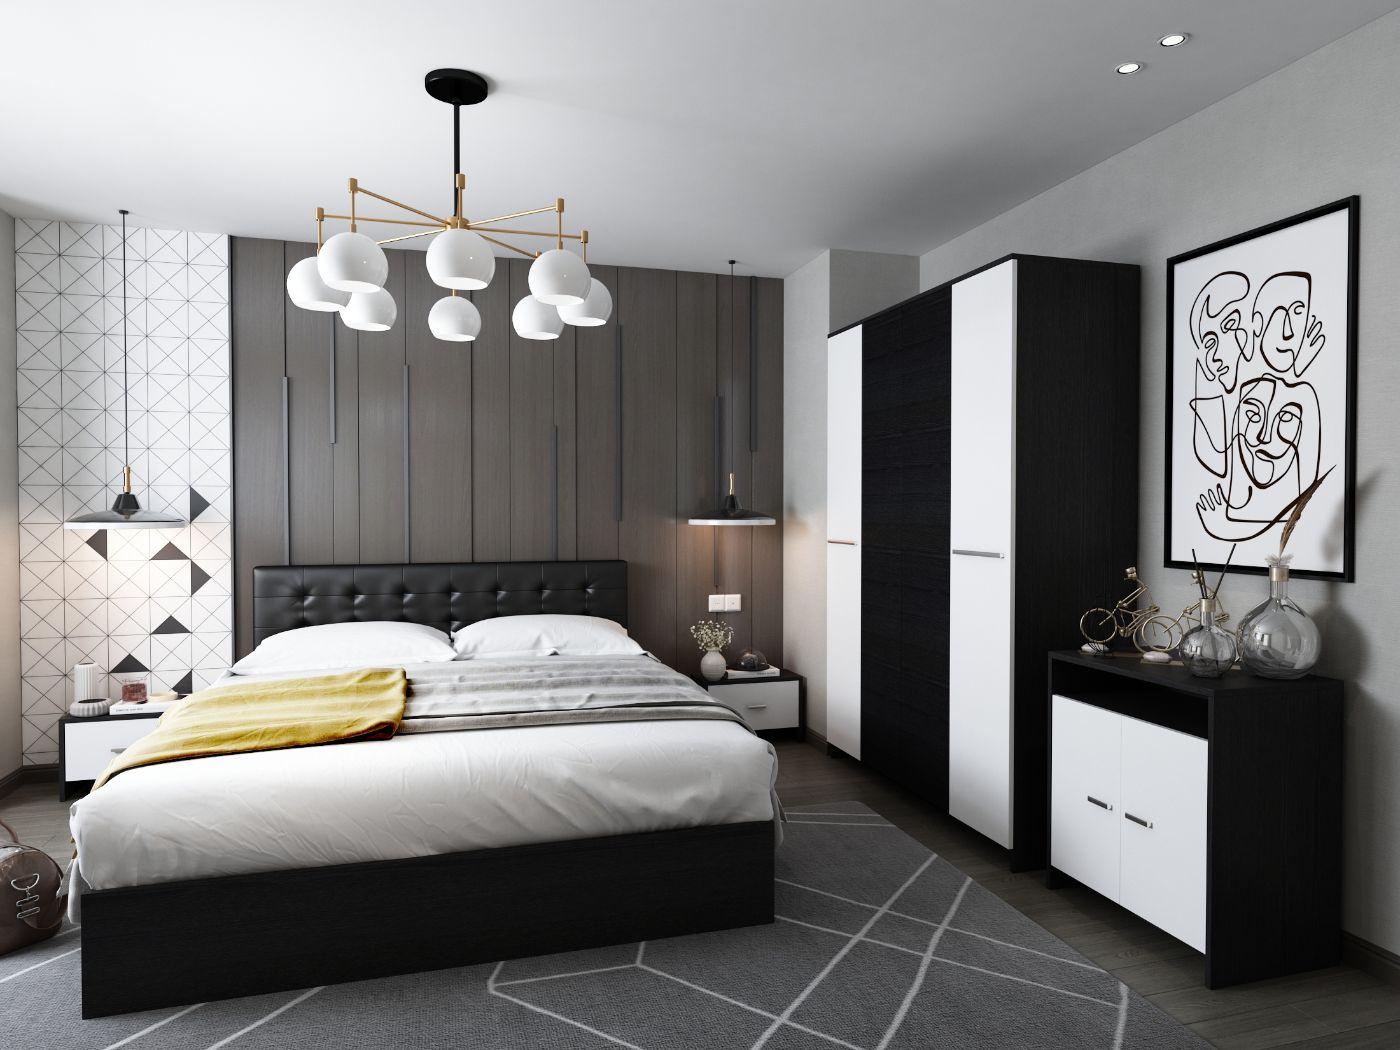 Oferta Dormitor 🥇 Mario 4U Tapitat